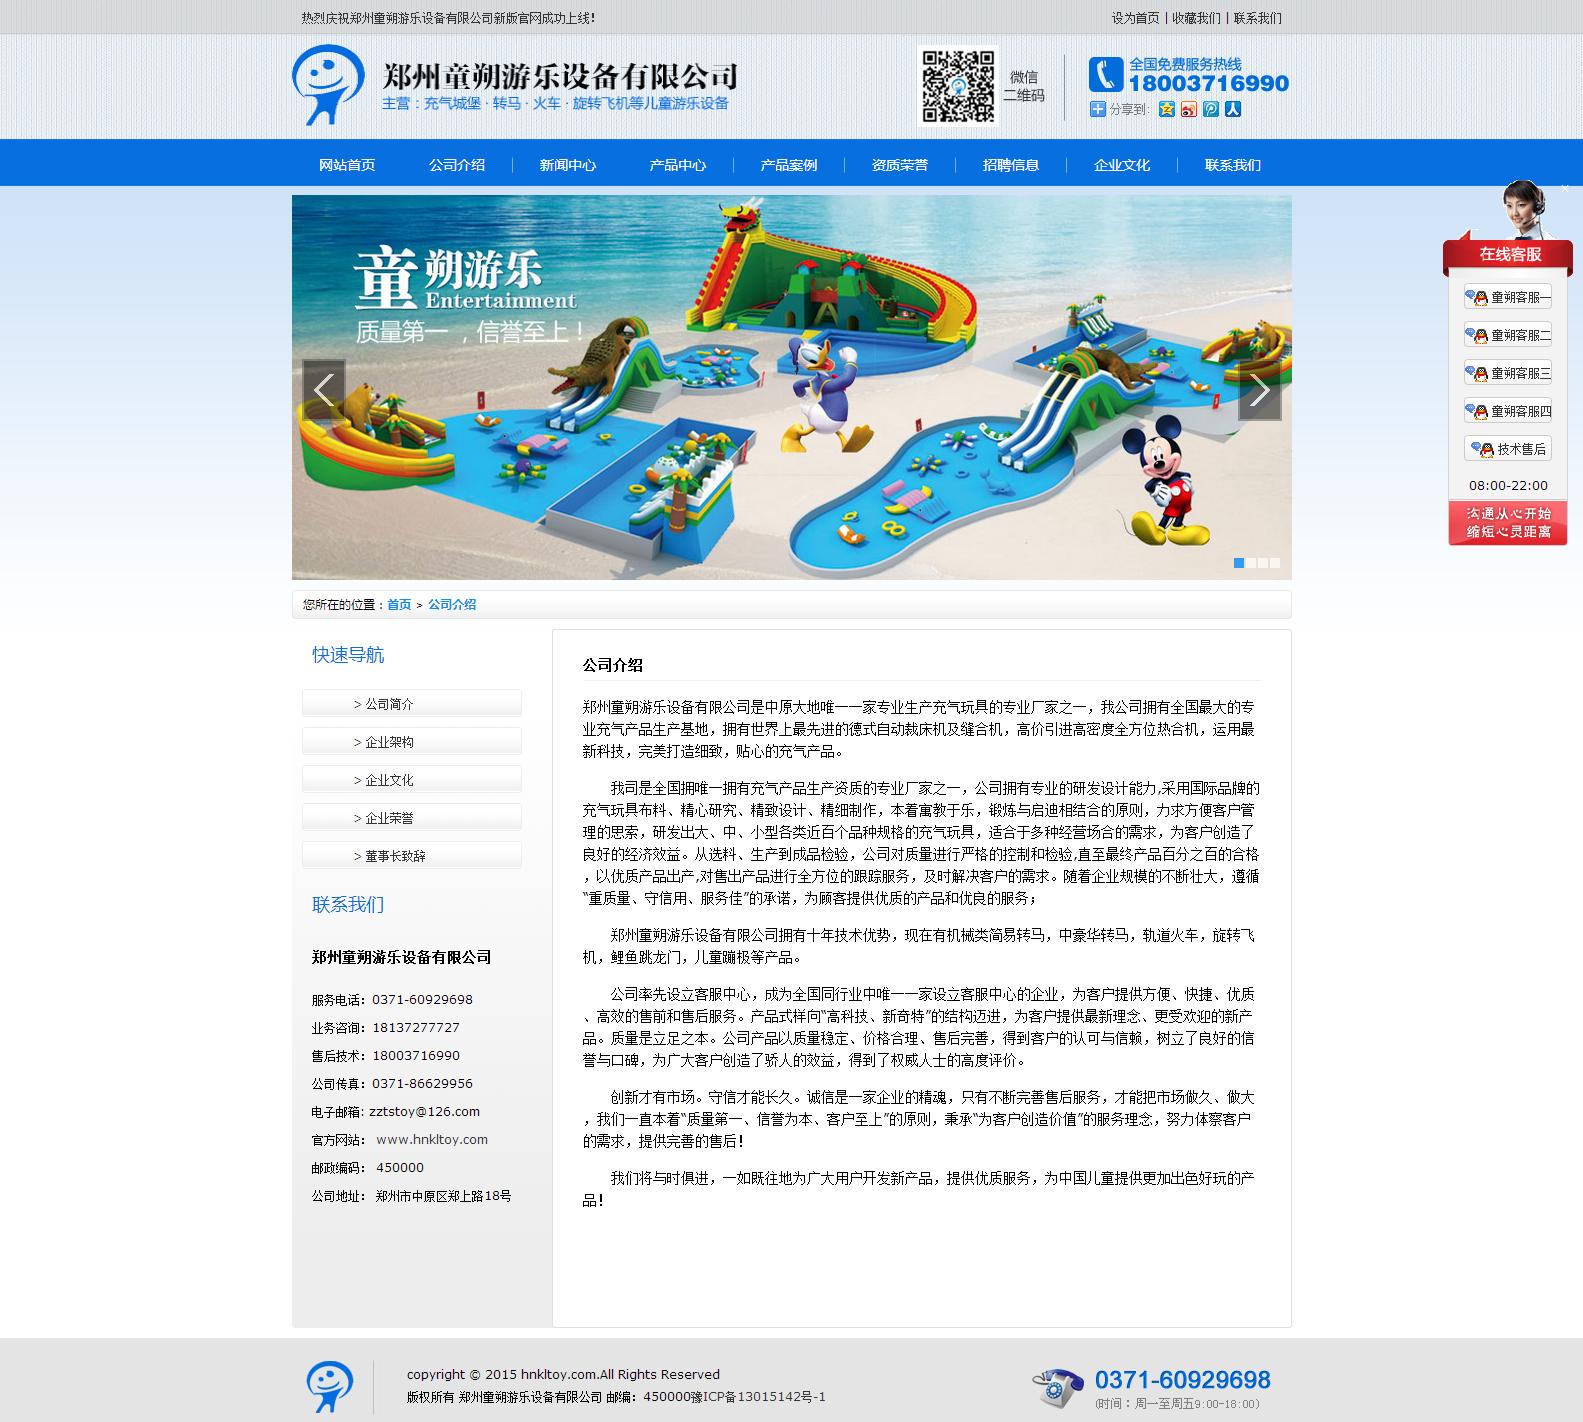 郑州童朔游乐设备有限公司亿博国际网址制作已经上线